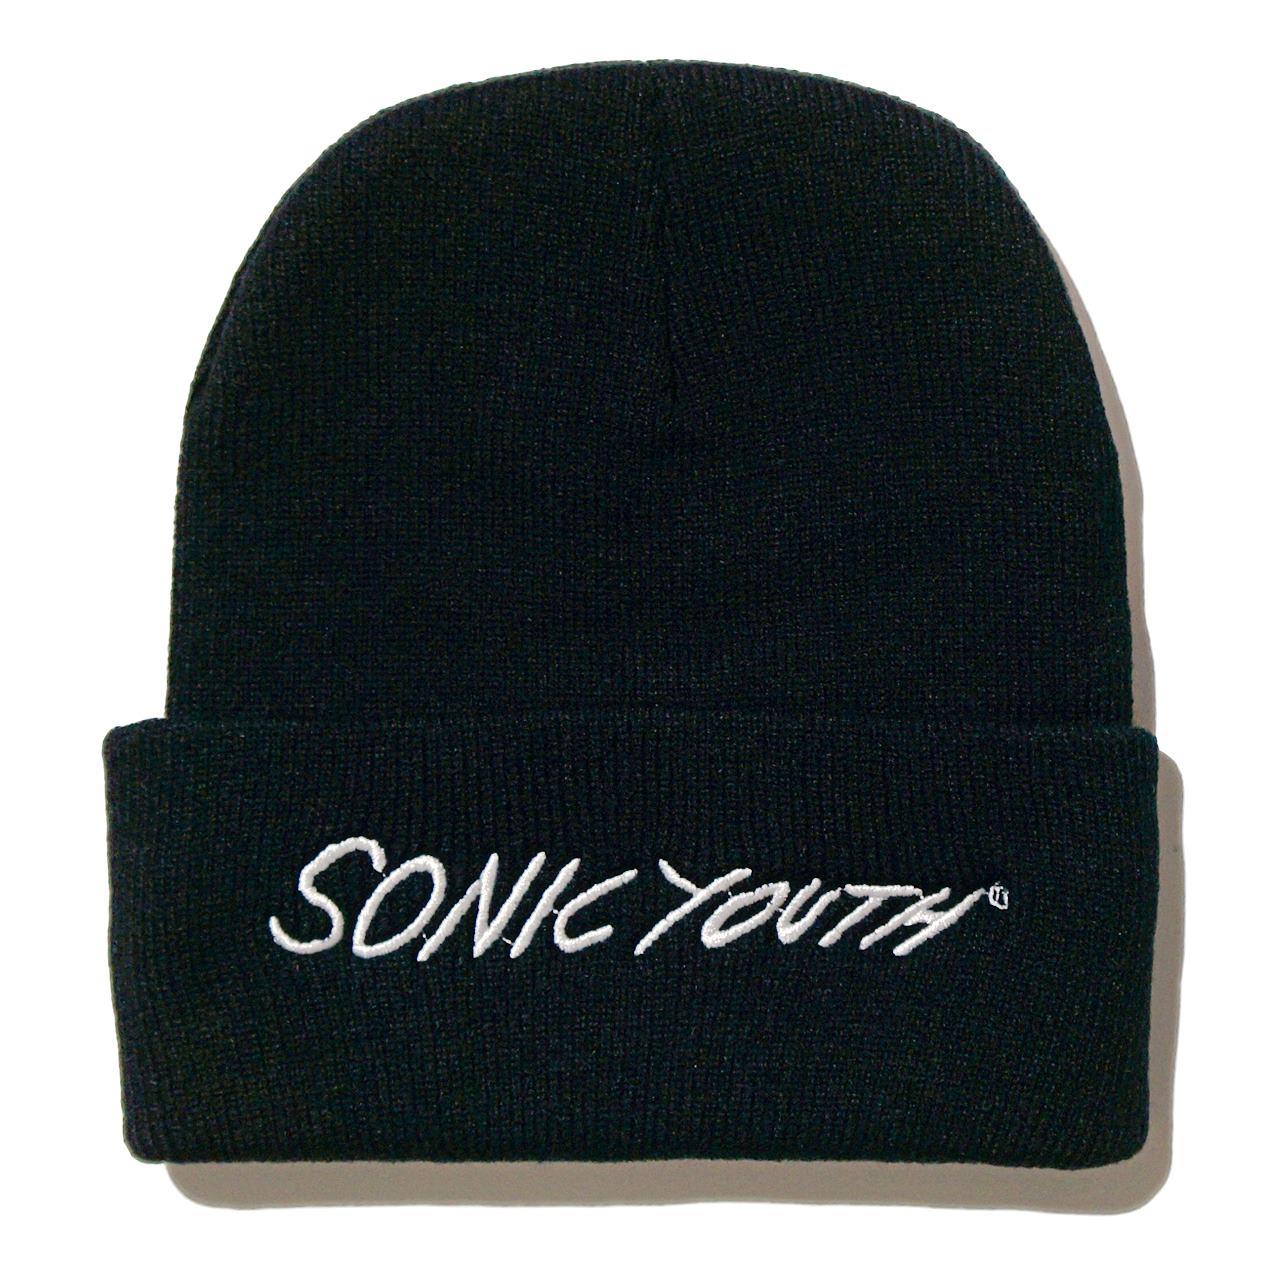 SONIC YOUTH ビーニー ニットキャップ White Logo